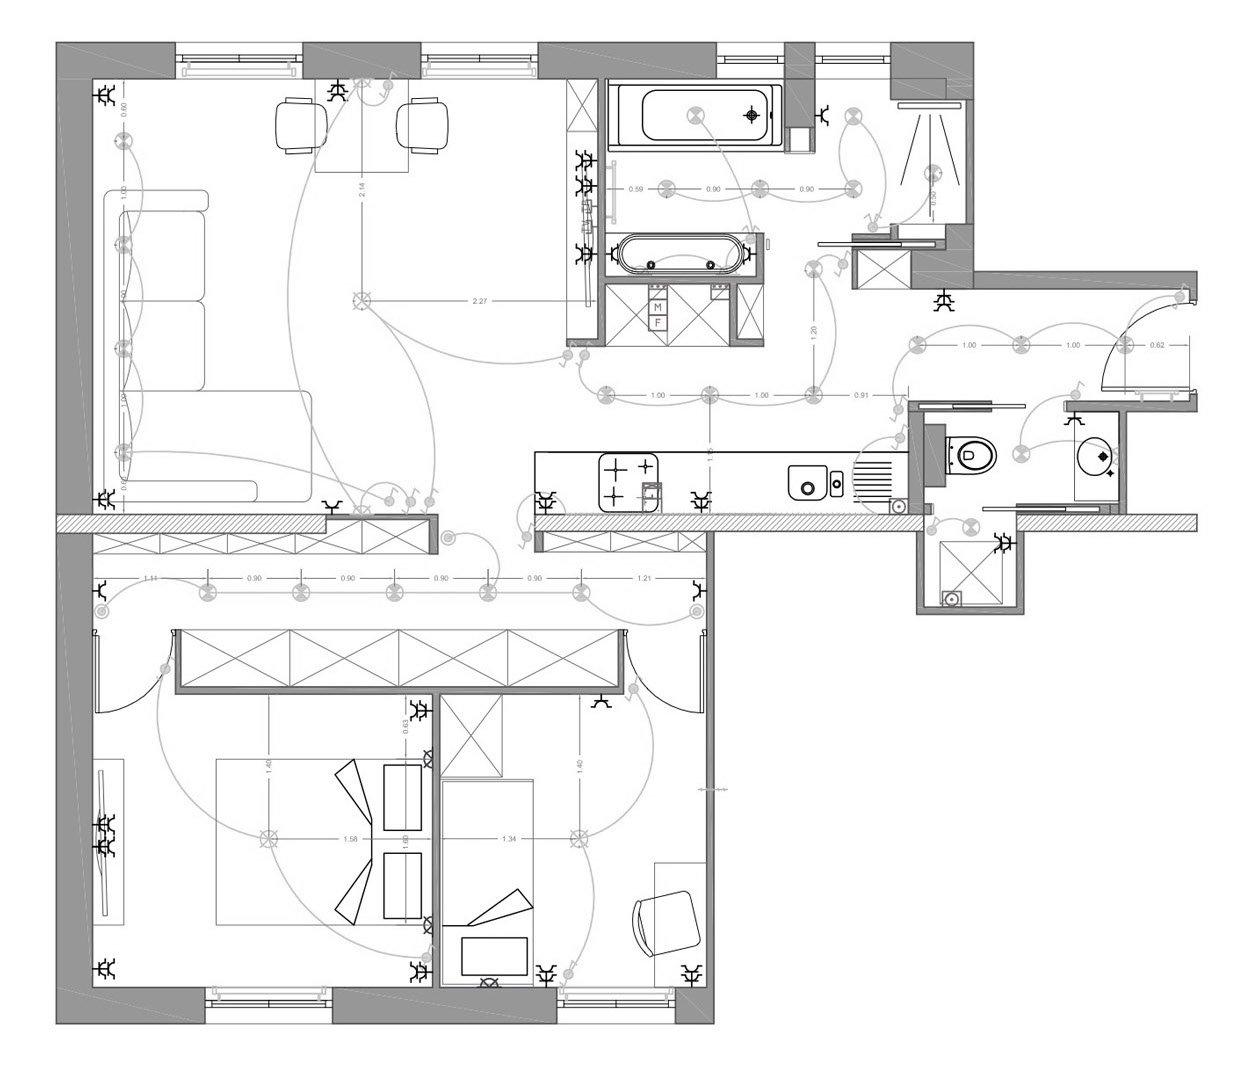 architecture-paris-projet-en-cours-plan-place de l'etoile